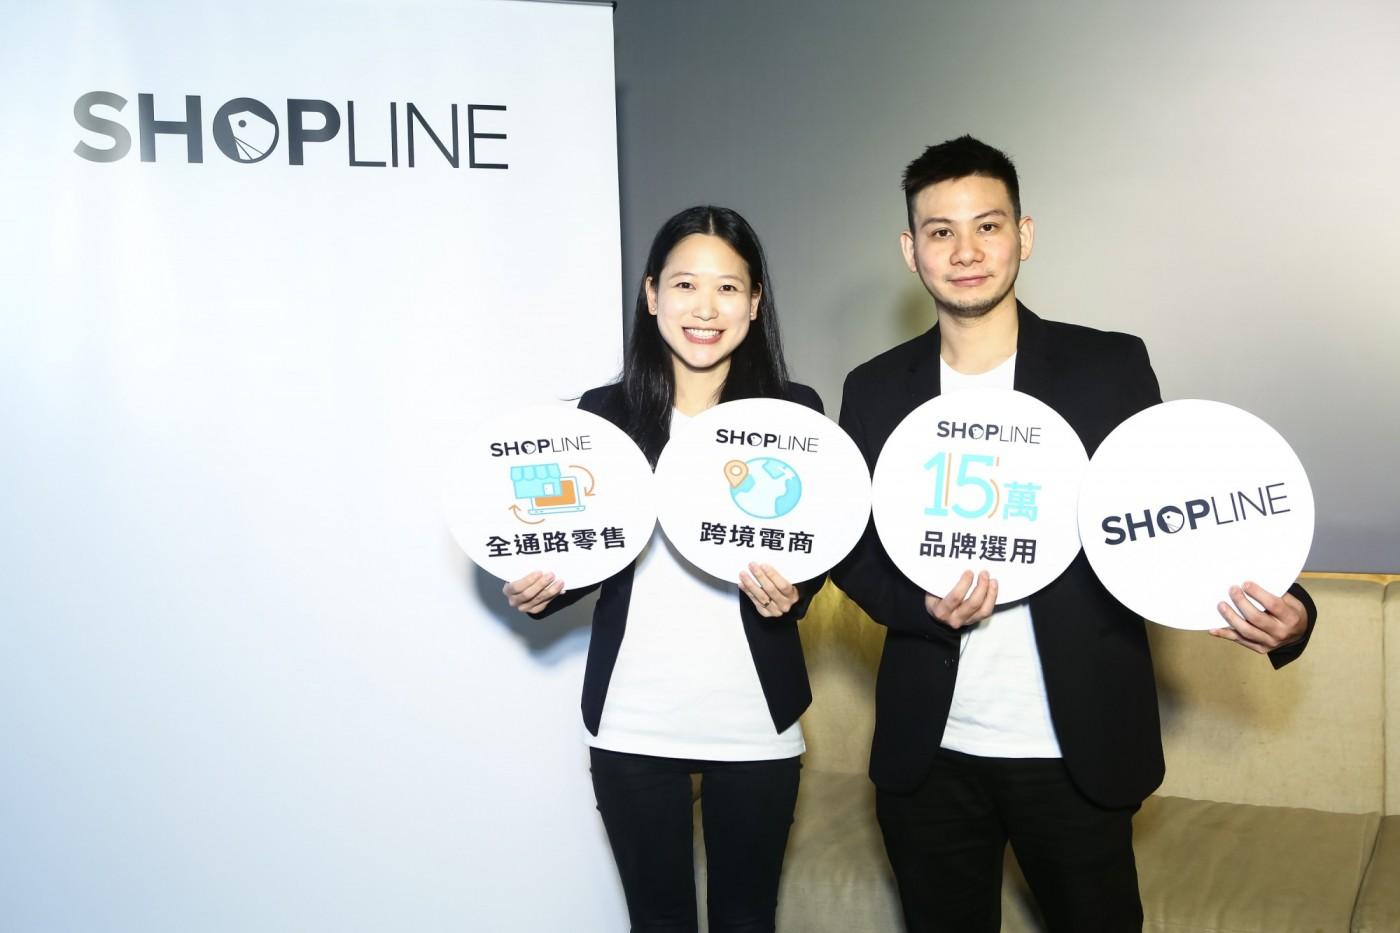 拼當小天貓?網路開店平台SHOPLINE獲6千萬融資,幫用戶做跨境生意